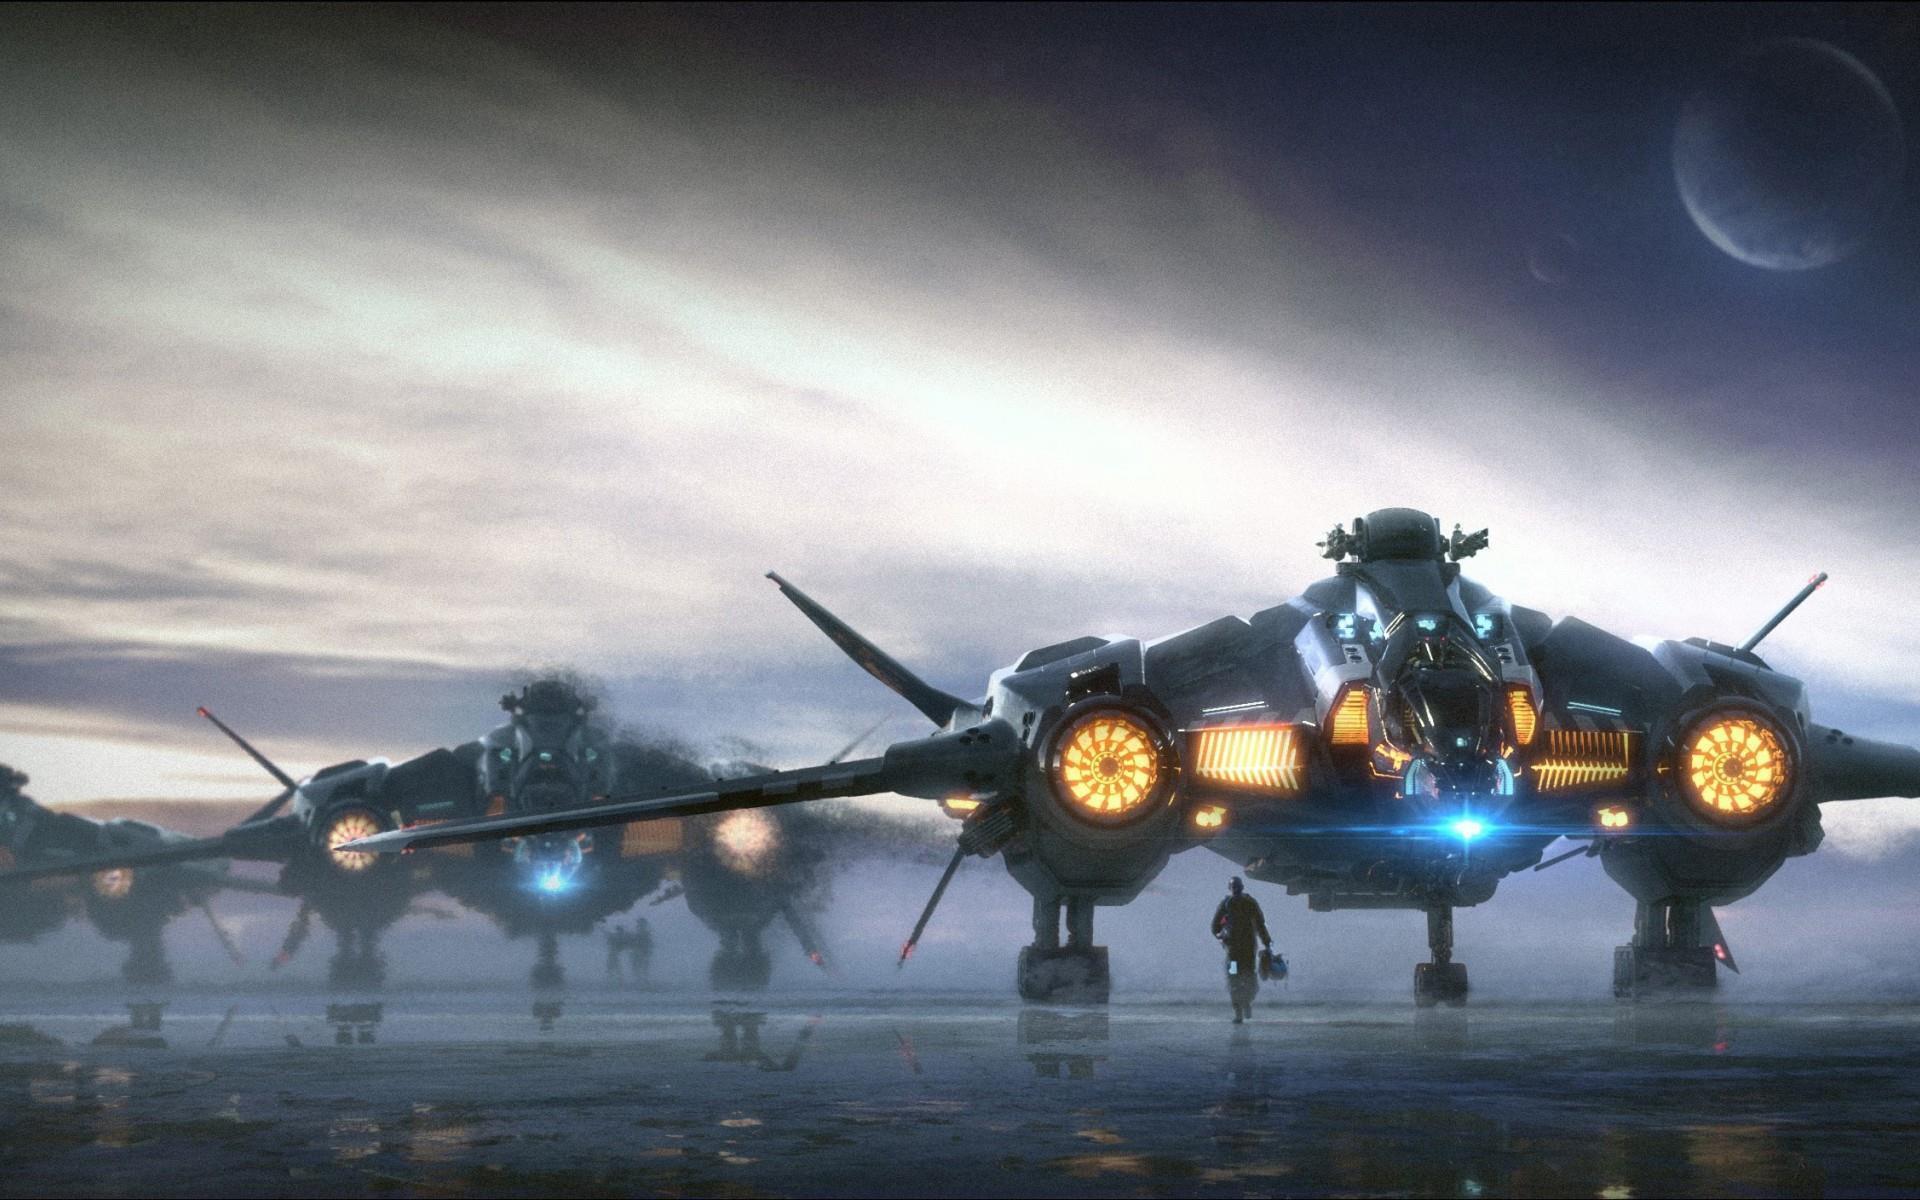 fond-ecran-avion-jeu-militaire-telecharger_3